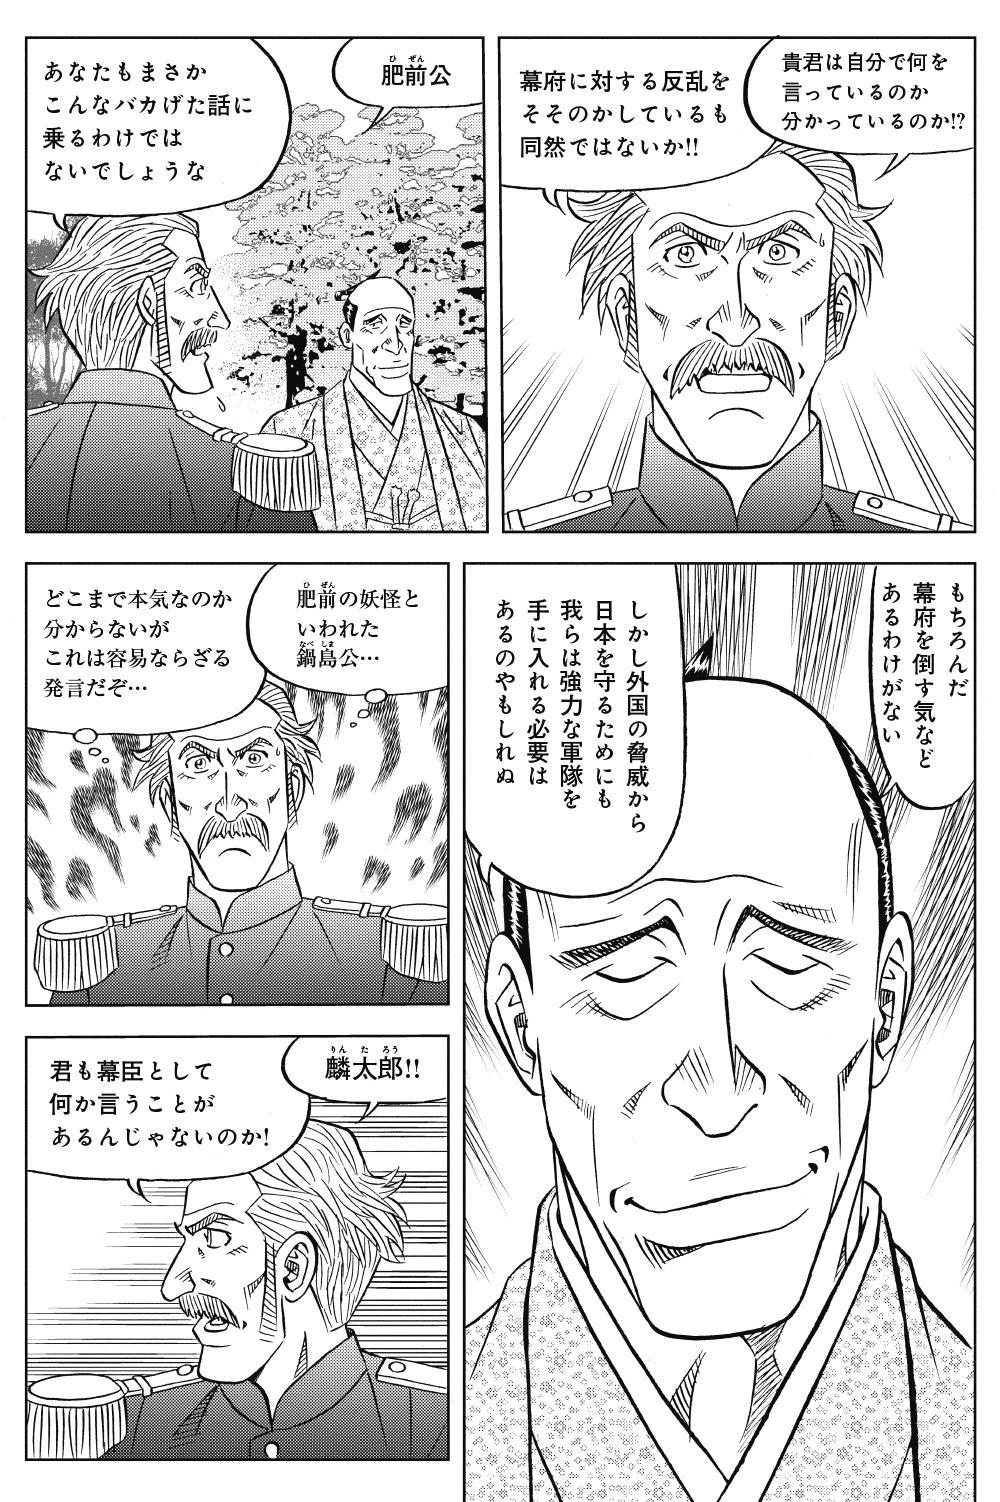 ミスター味っ子 幕末編 第2話「列強襲来」①ajikko2-1-15.jpg